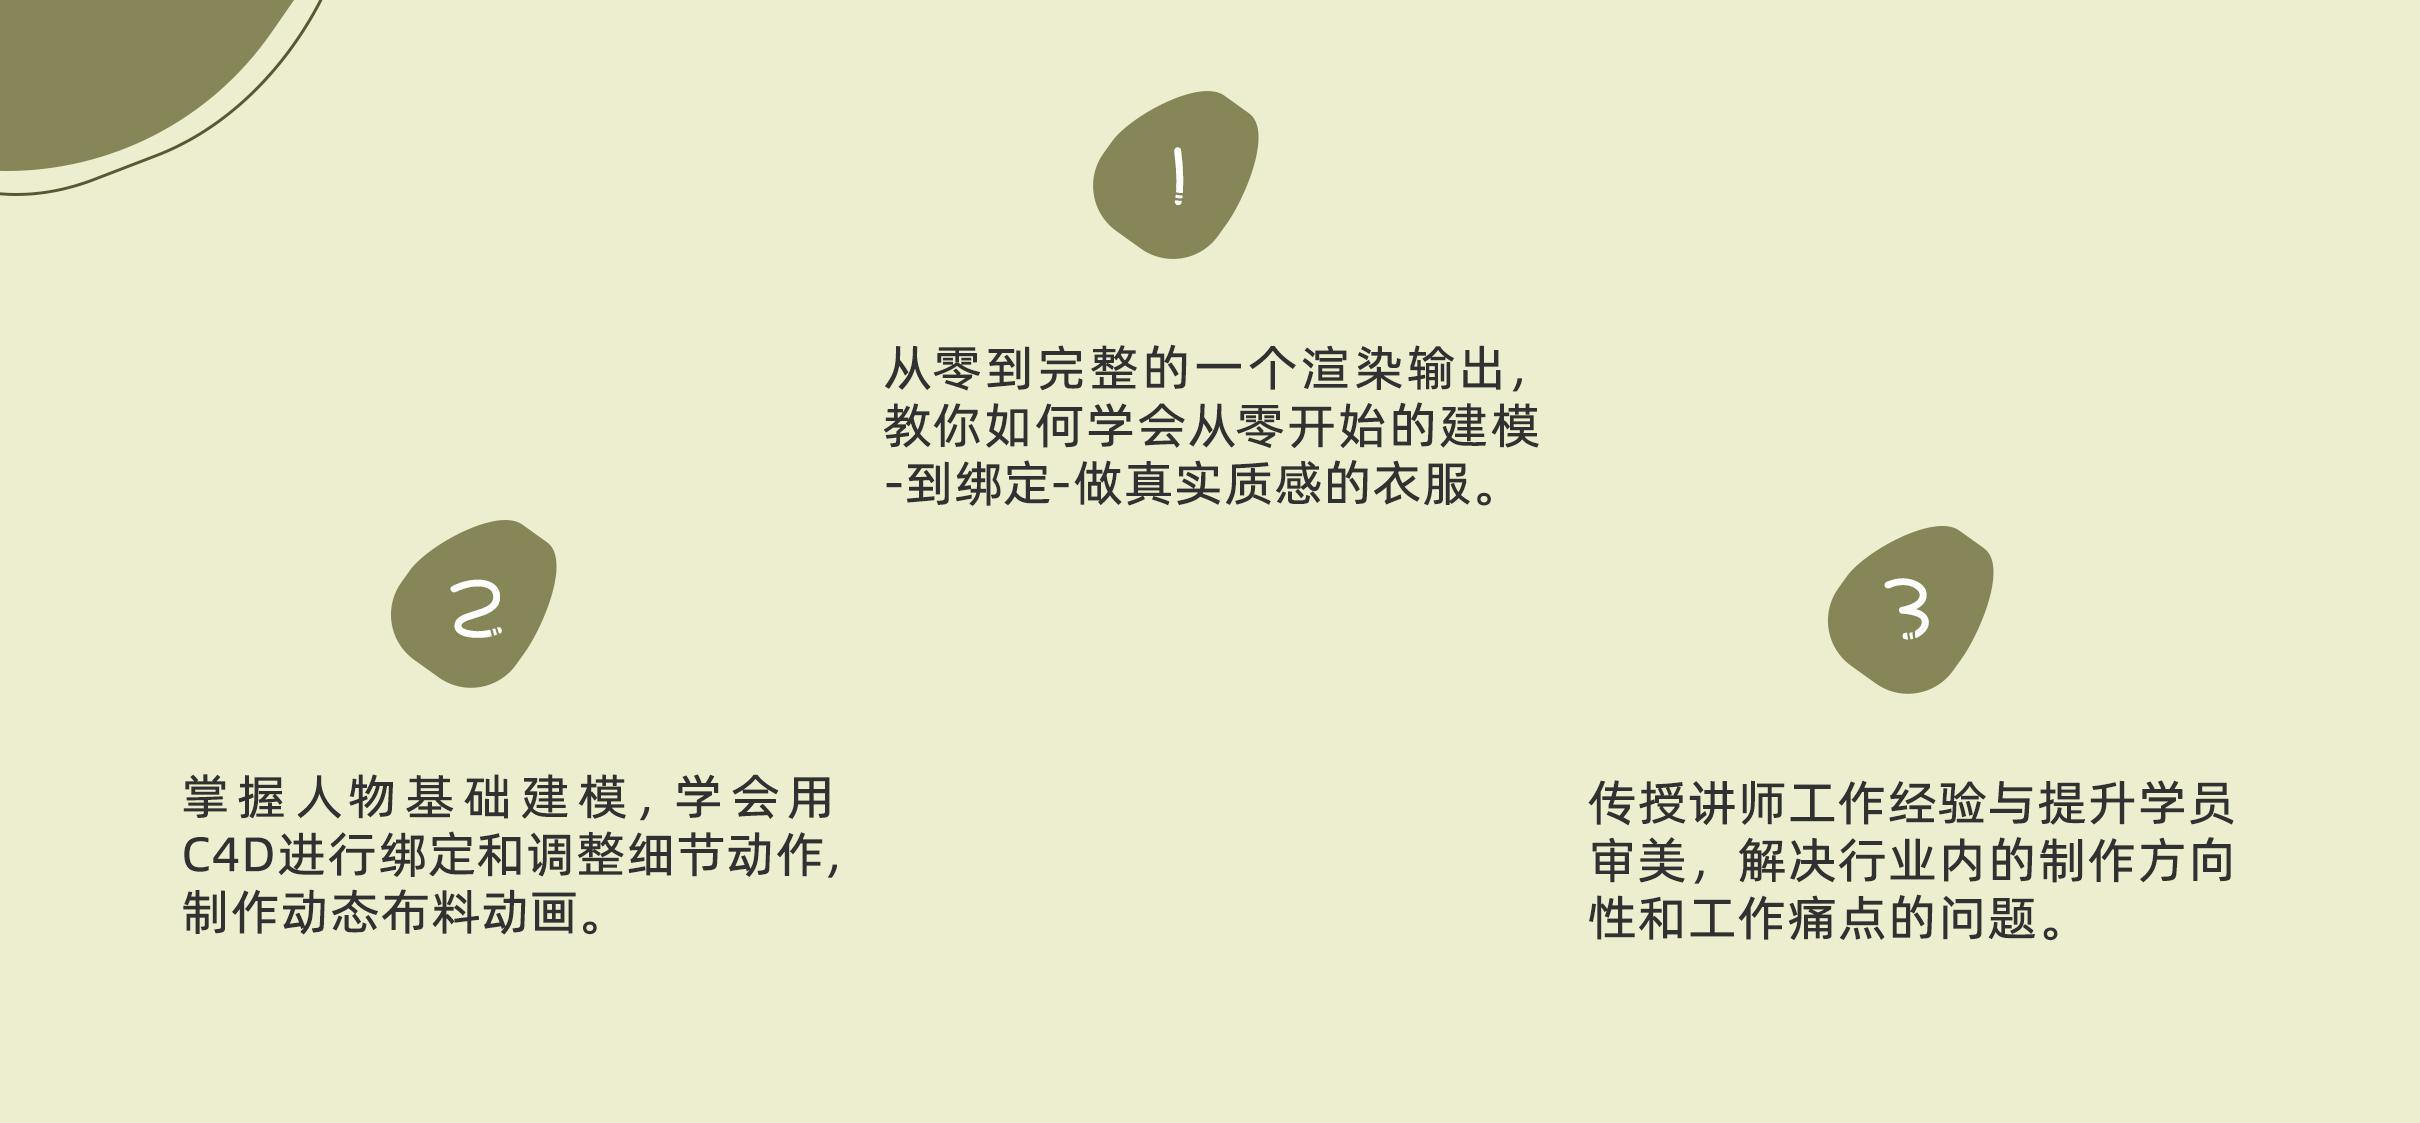 详情页_02.jpg